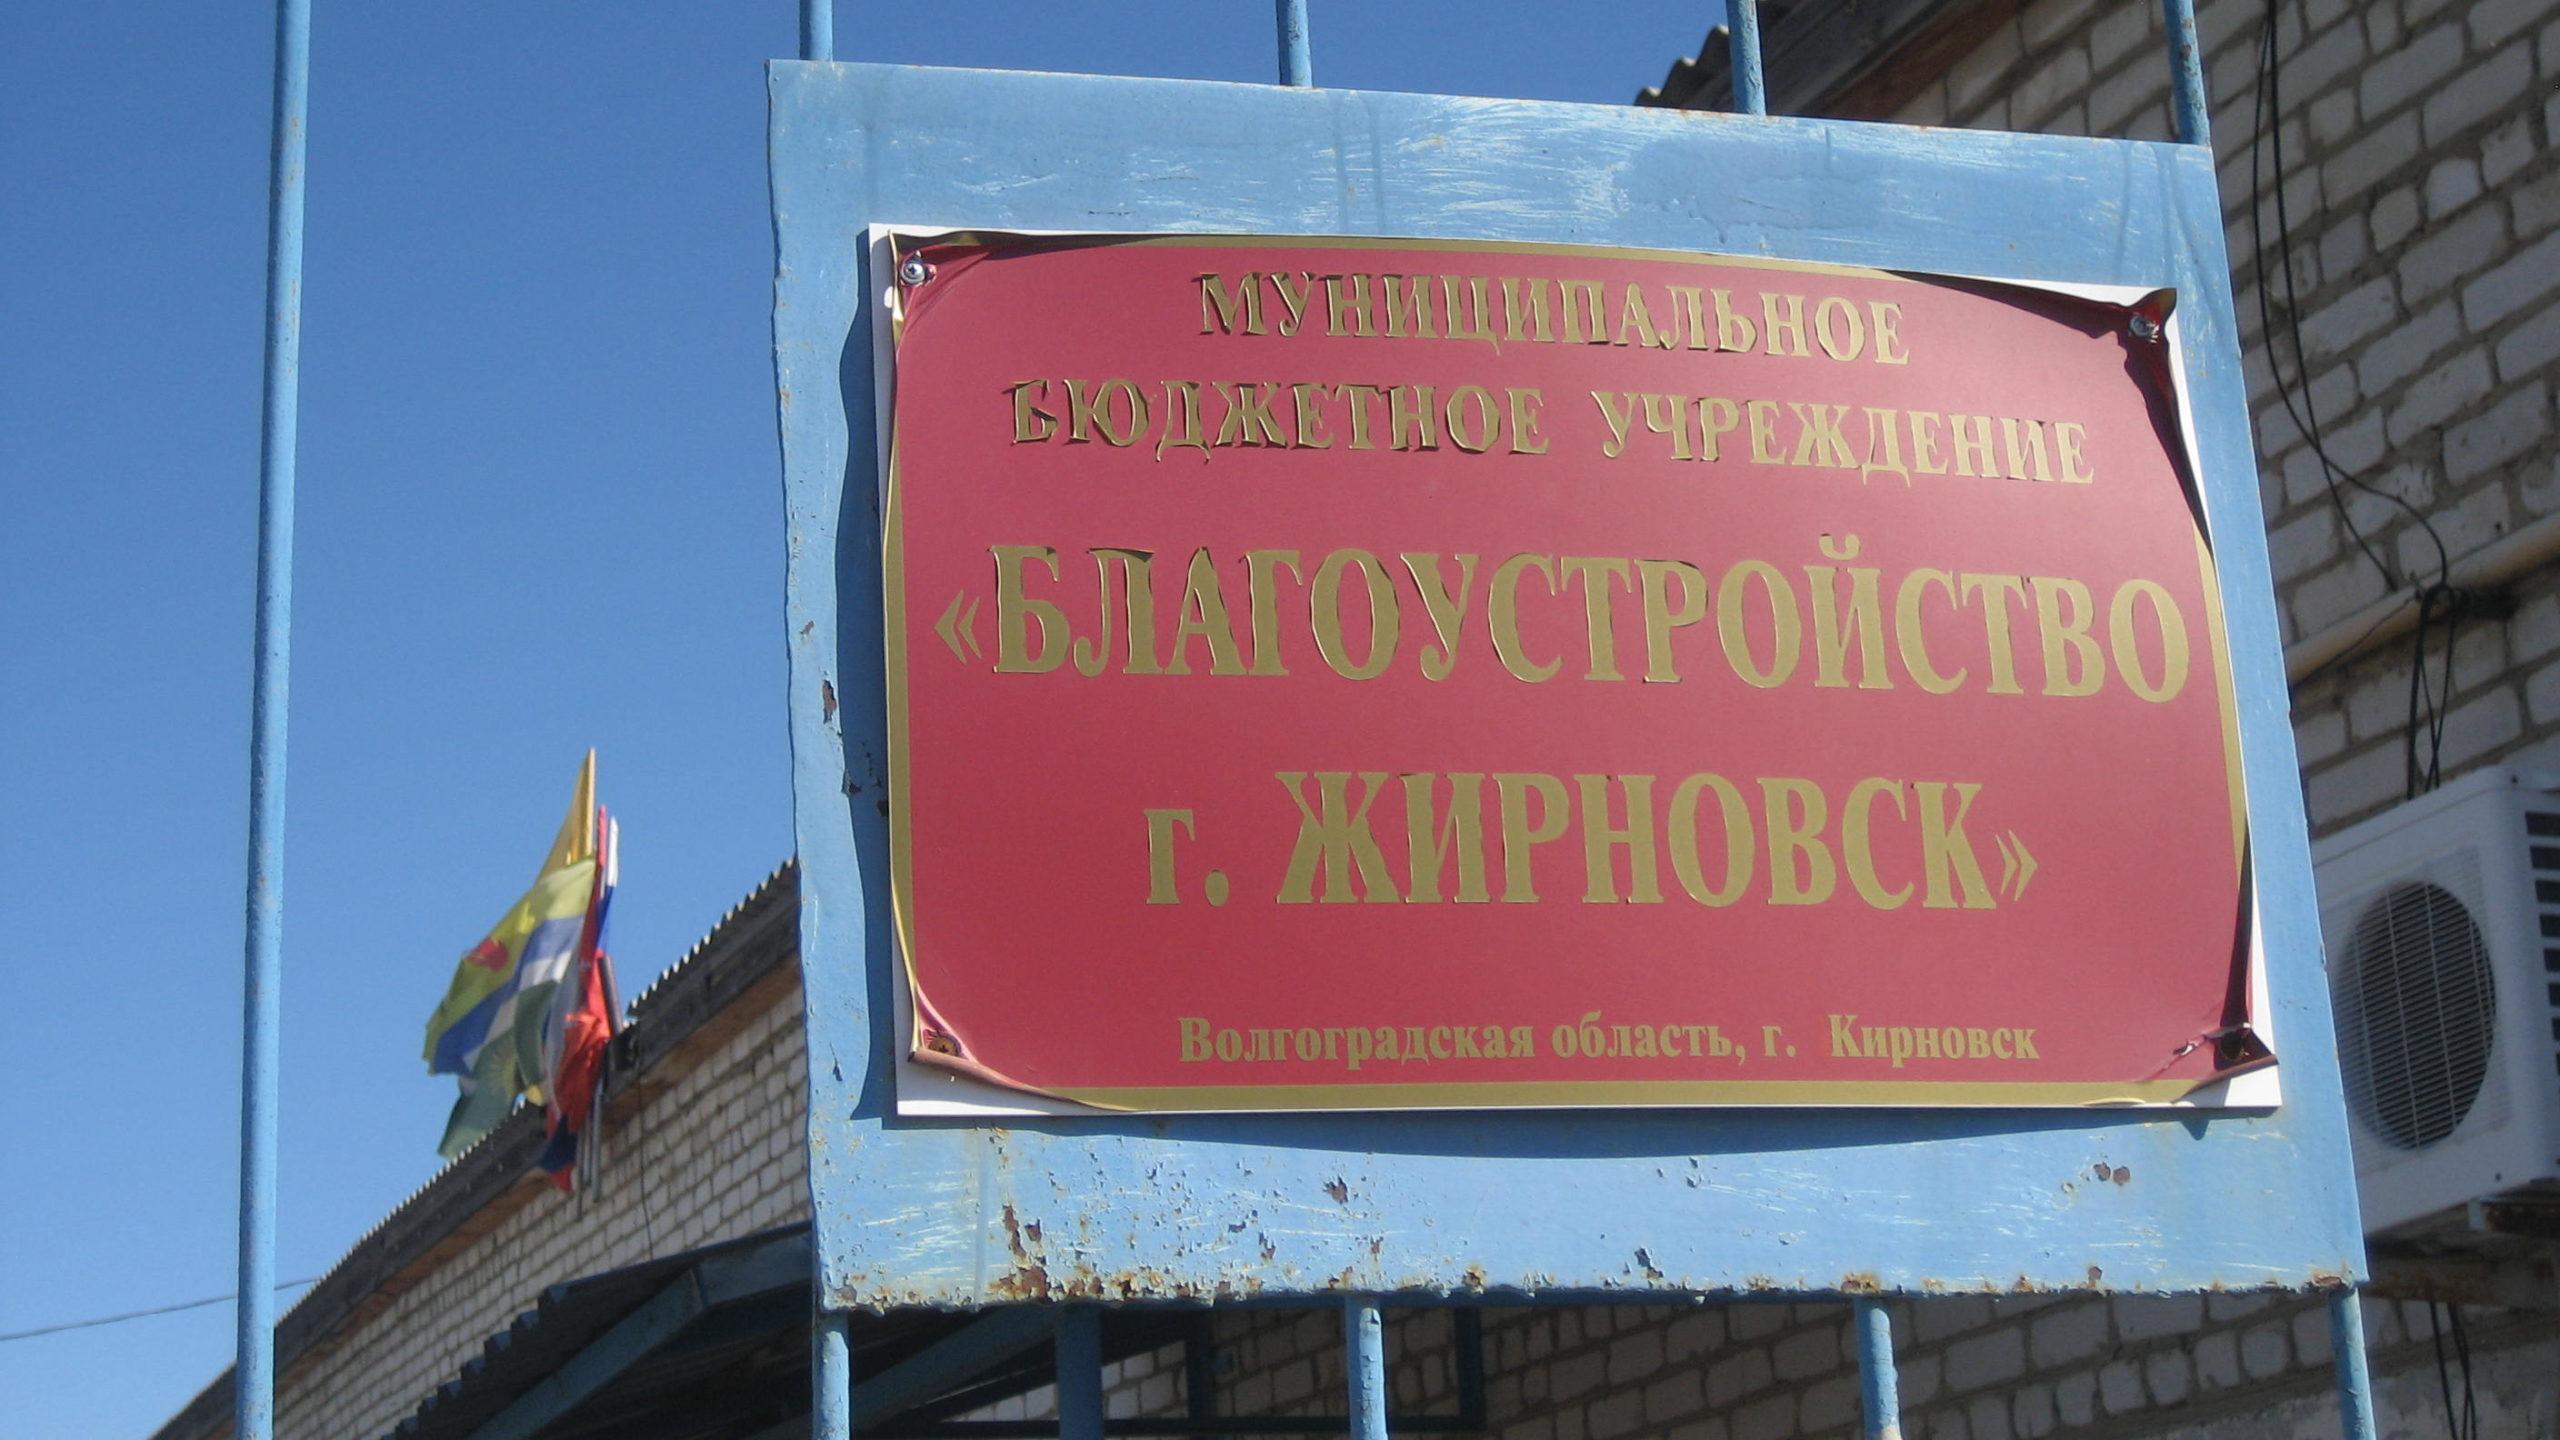 МБУ «Благоустройство г. Жирновск»